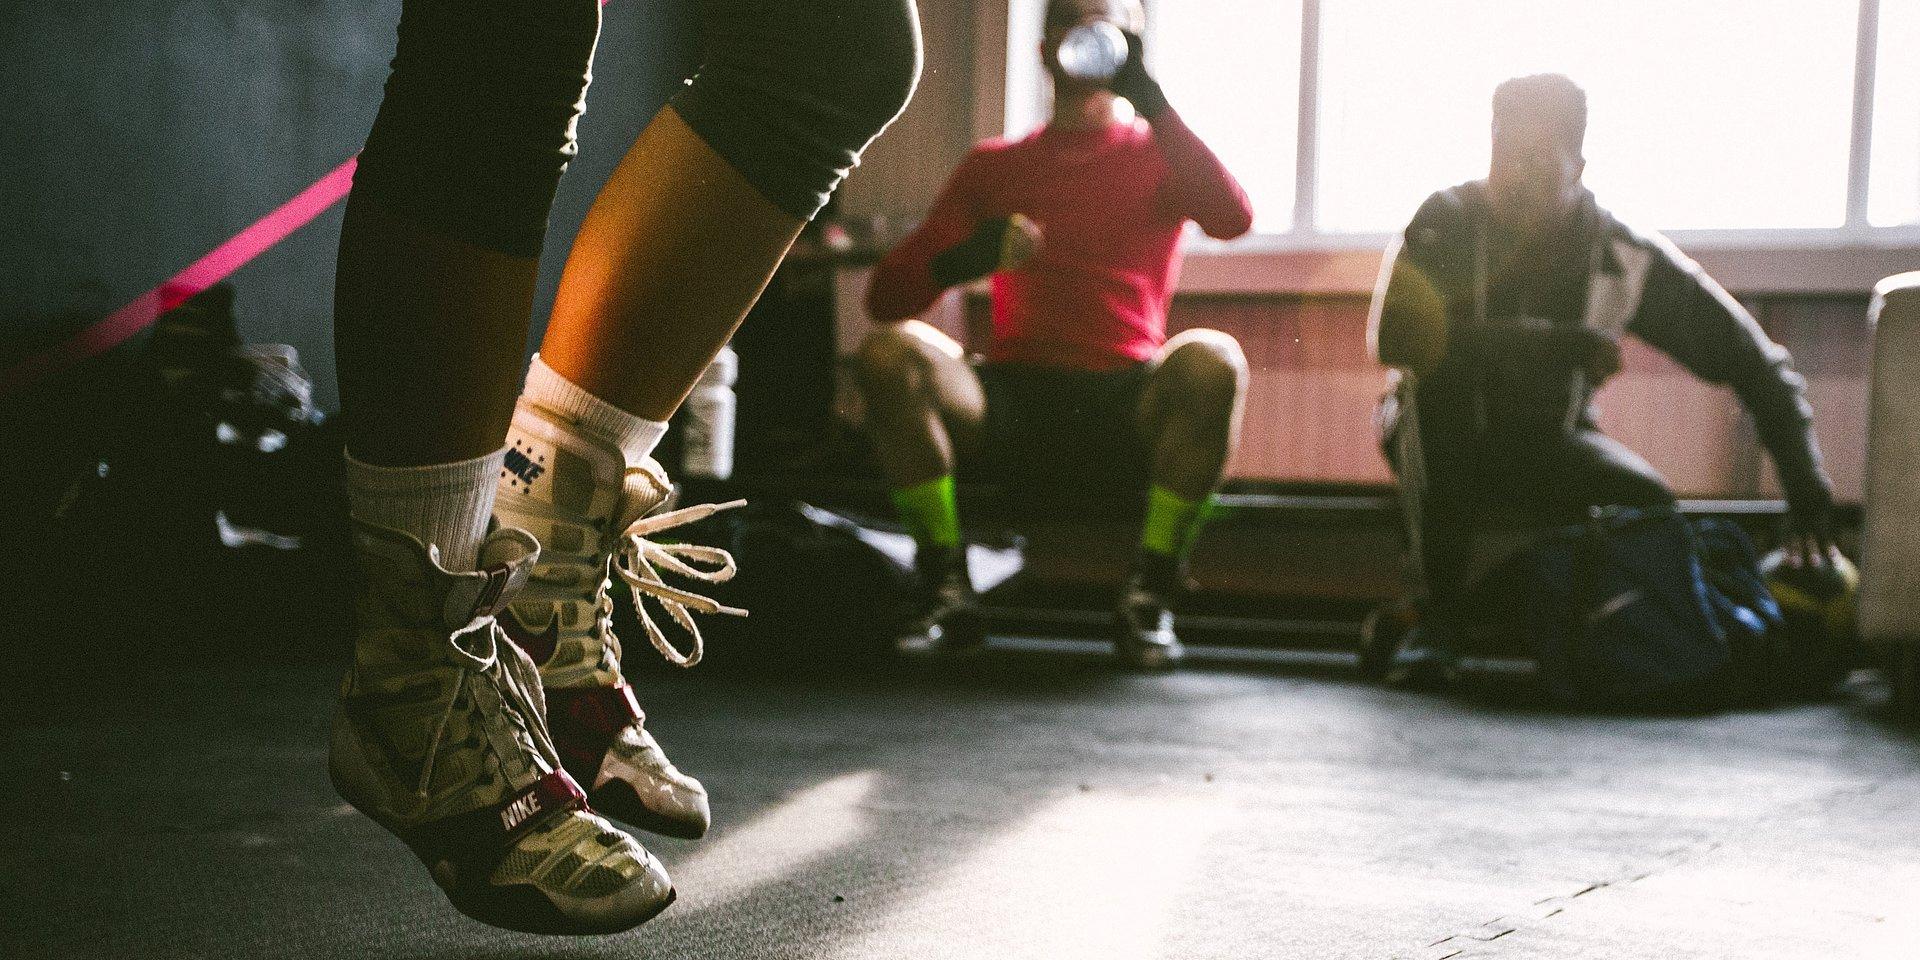 Nowy rok, nowy ty: dotrzymaj fitnessowych postanowień noworocznych ze Spotify